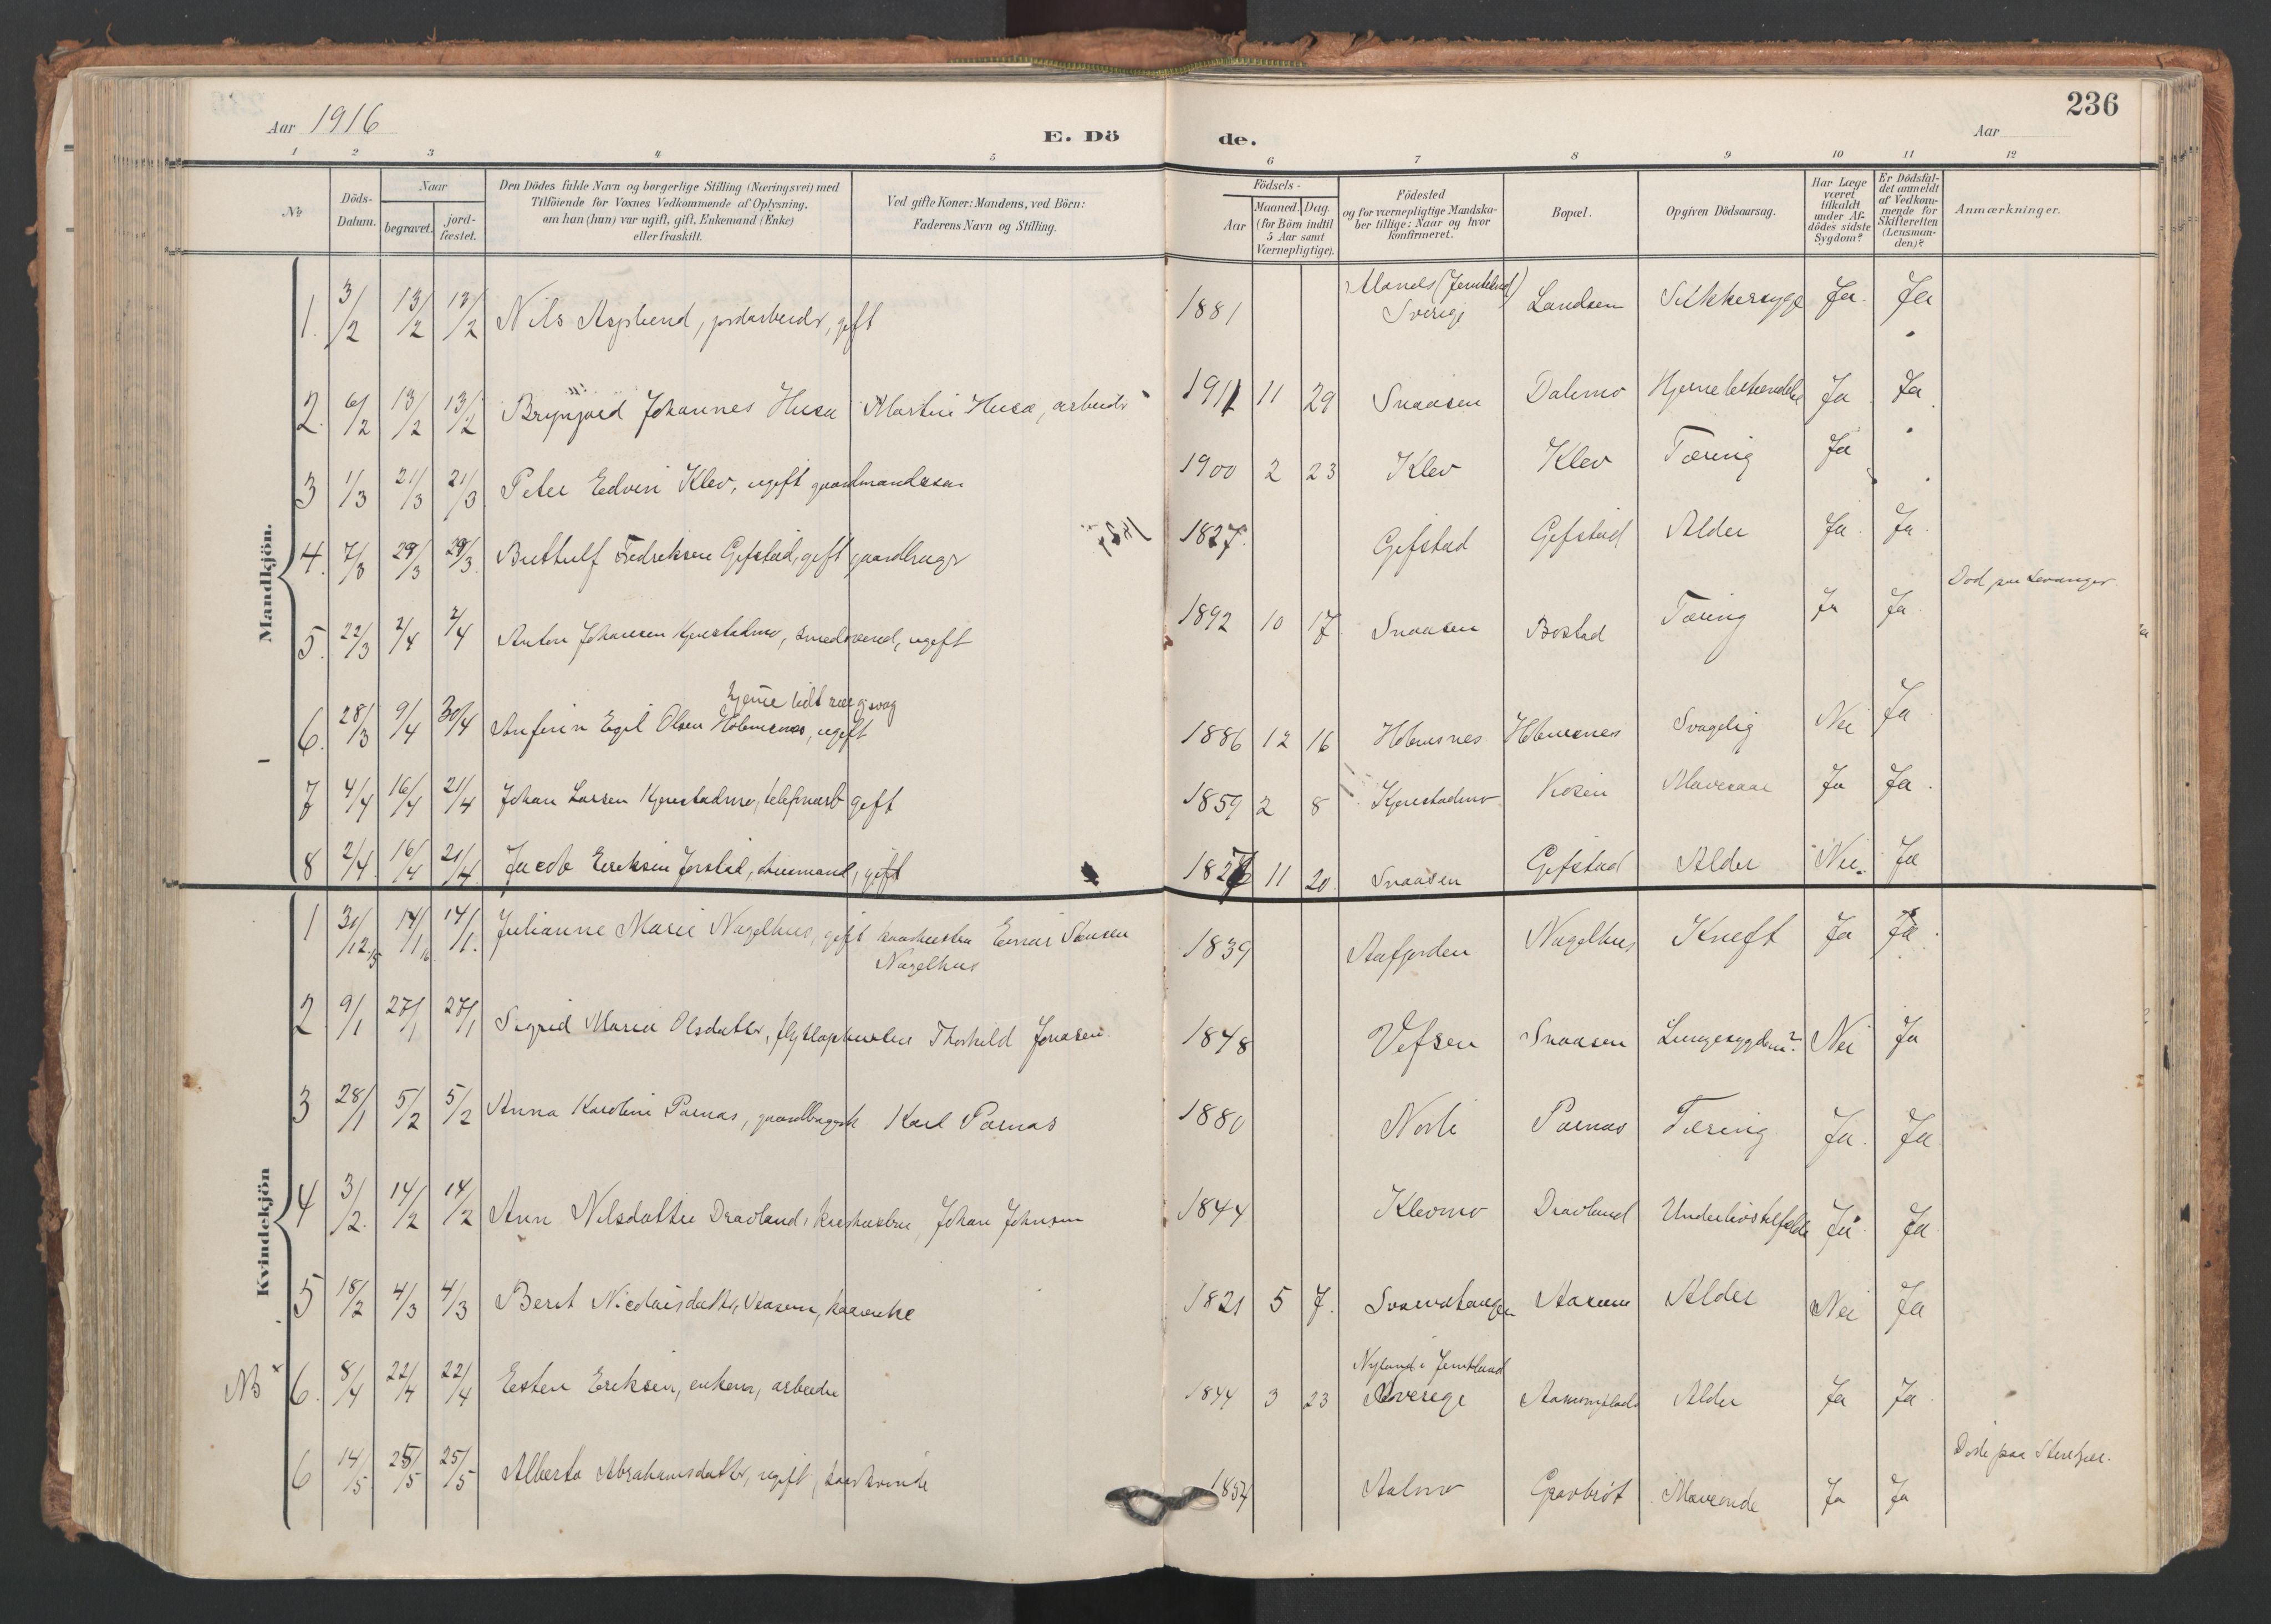 SAT, Ministerialprotokoller, klokkerbøker og fødselsregistre - Nord-Trøndelag, 749/L0477: Ministerialbok nr. 749A11, 1902-1927, s. 236